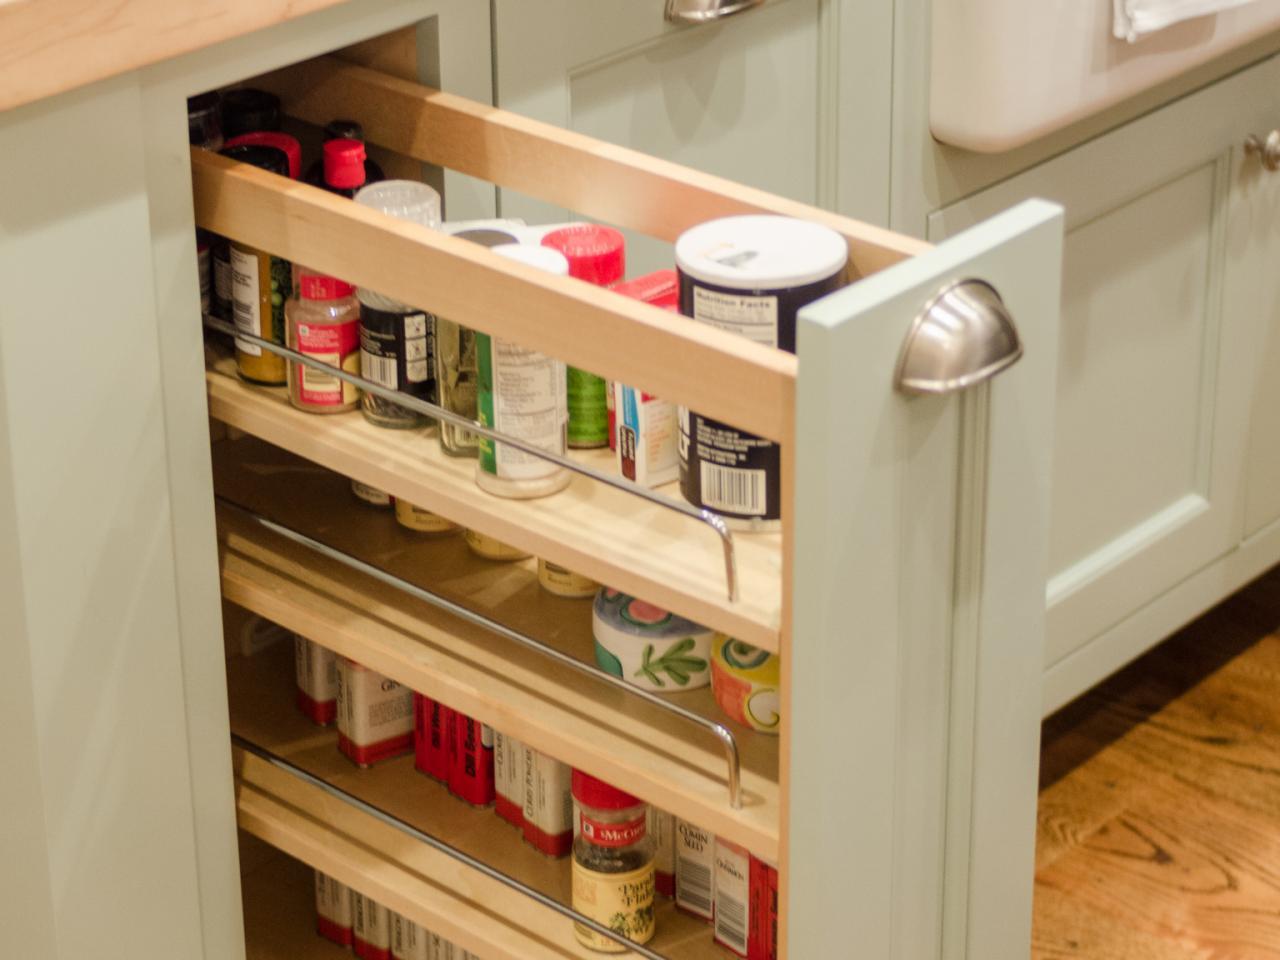 کشوهای عمودی در کابینت آشپزخانه کوچک